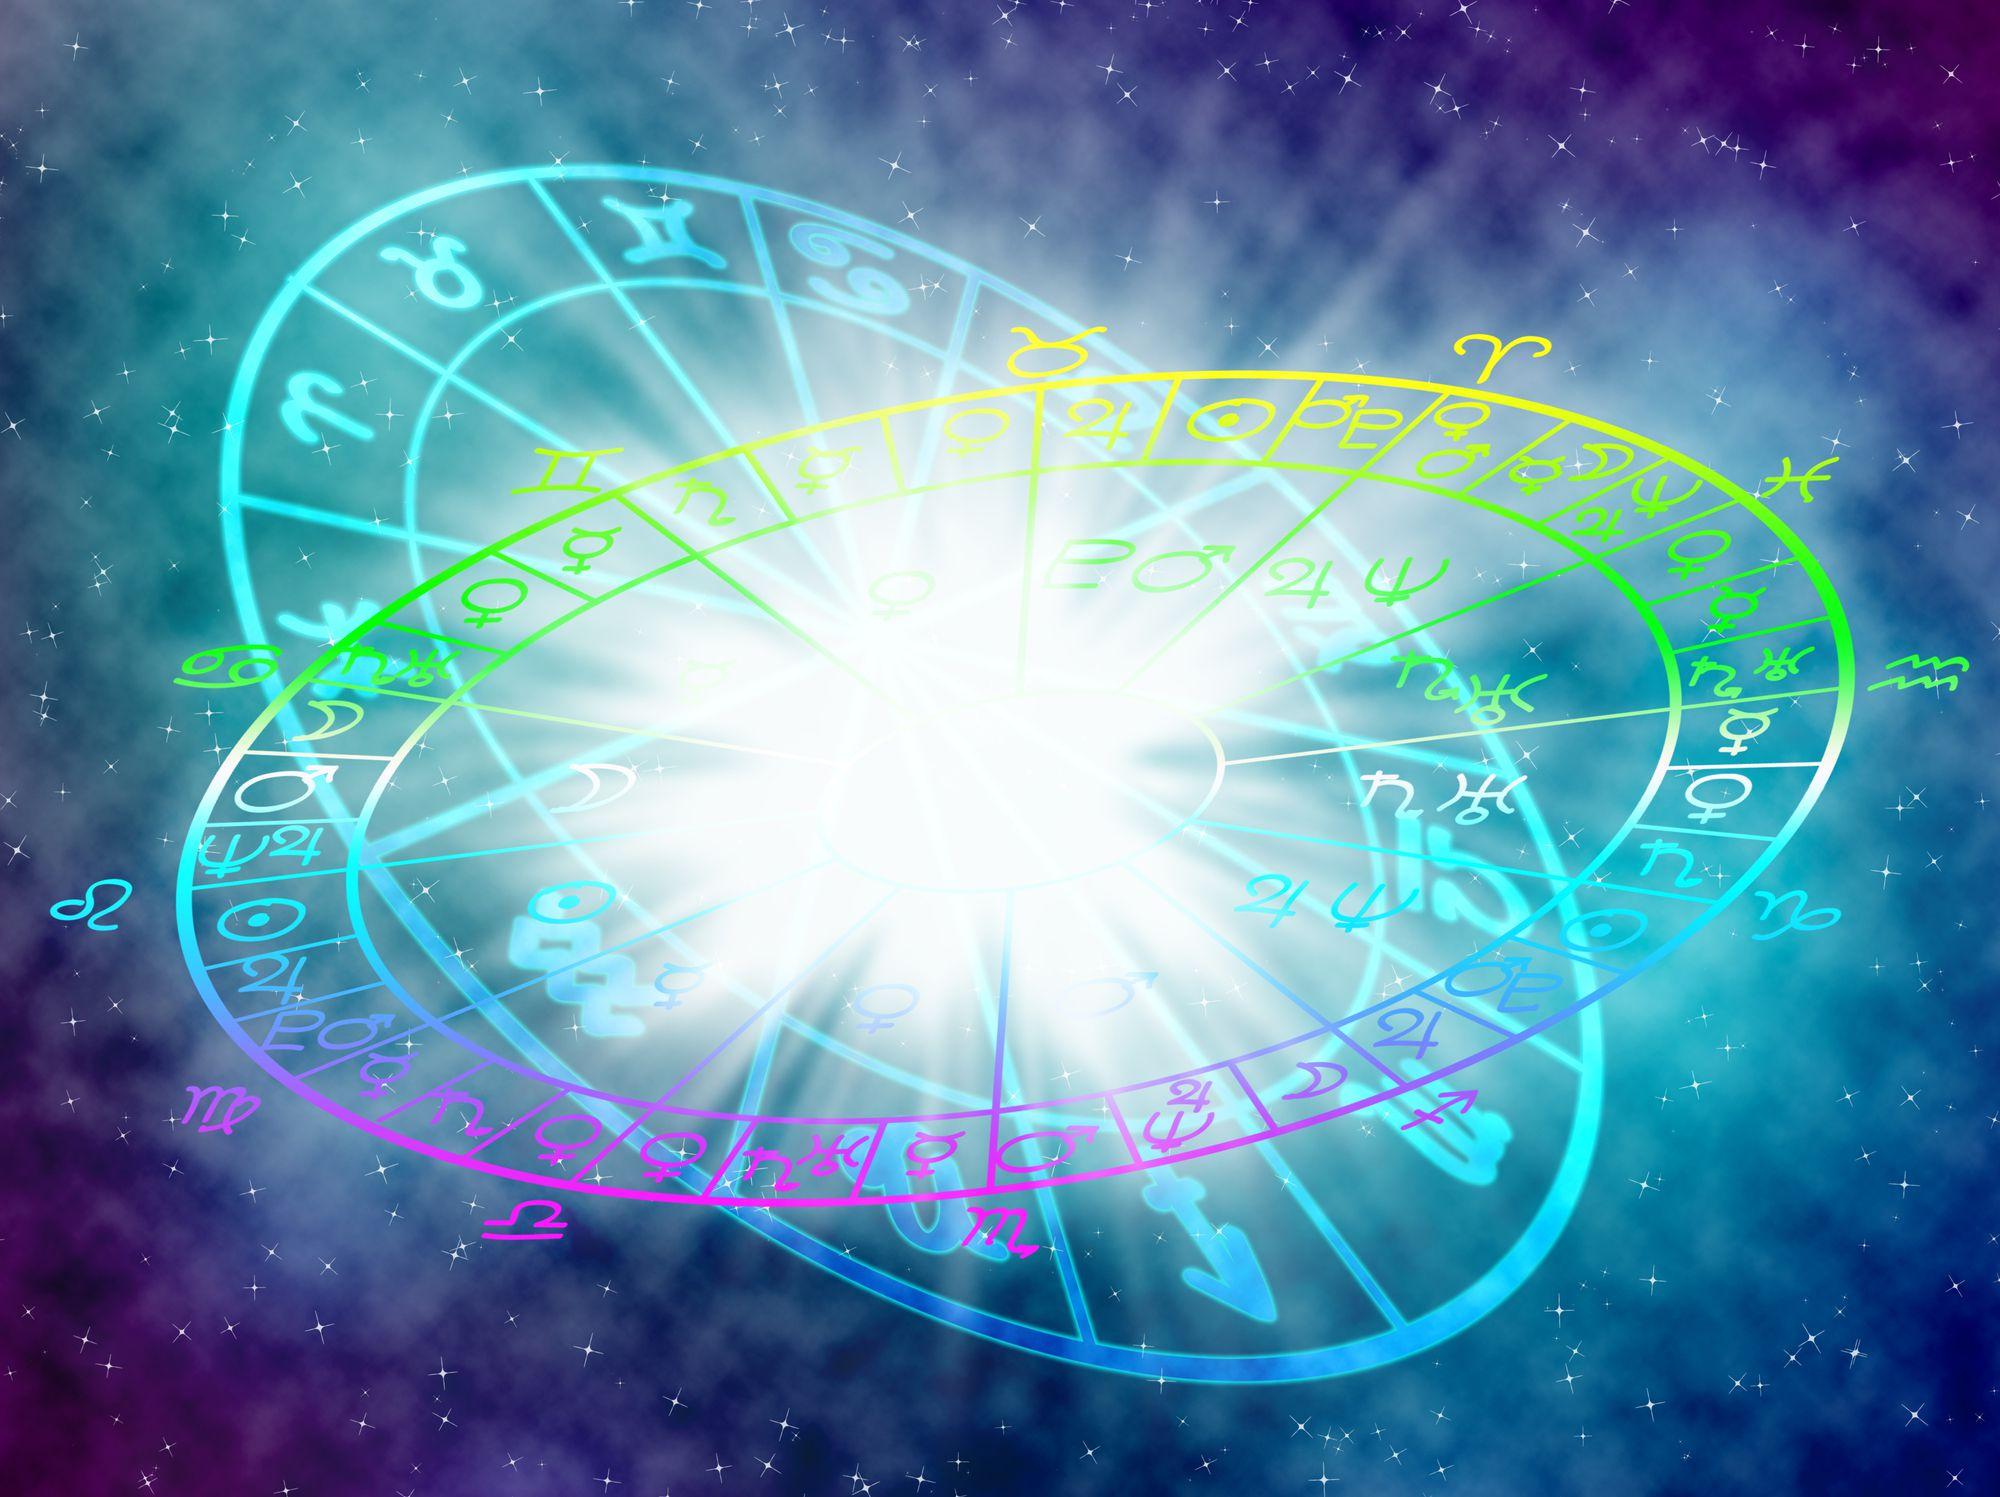 Что такое асцендент простыми словами или знаем ли мы свой восходящий знак зодиака асцендент в овне, тельце, близнецах, раке, льве, деве, весах, скорпионе, стрельце, козероге, водолее и рыбах fdlx.com